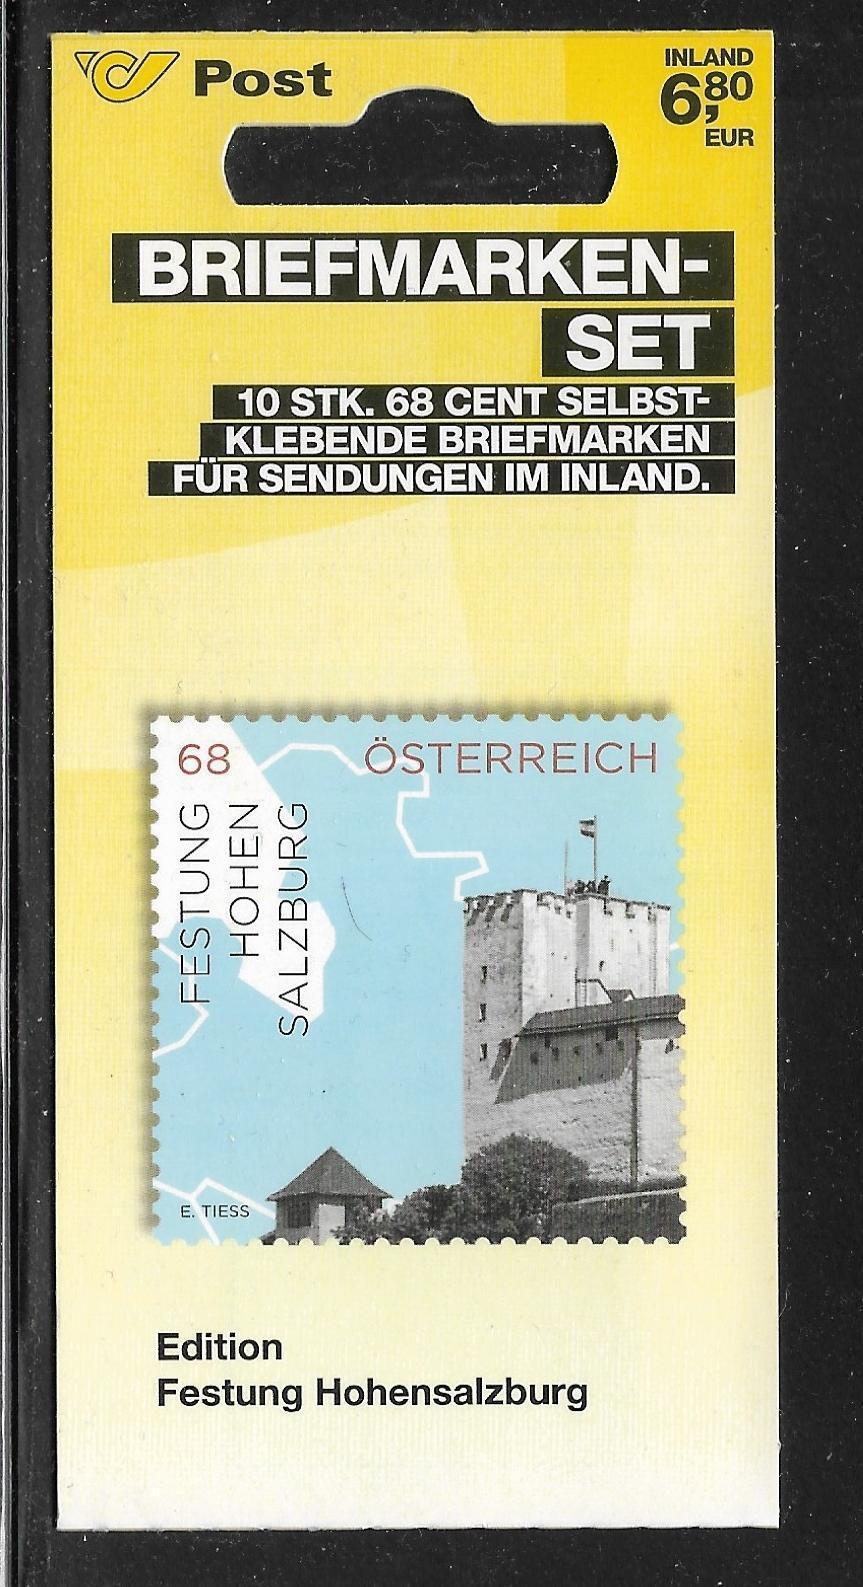 Österreich, Mi 3192, FM Impressionen, MH 0-30 postfrisch MHE-017